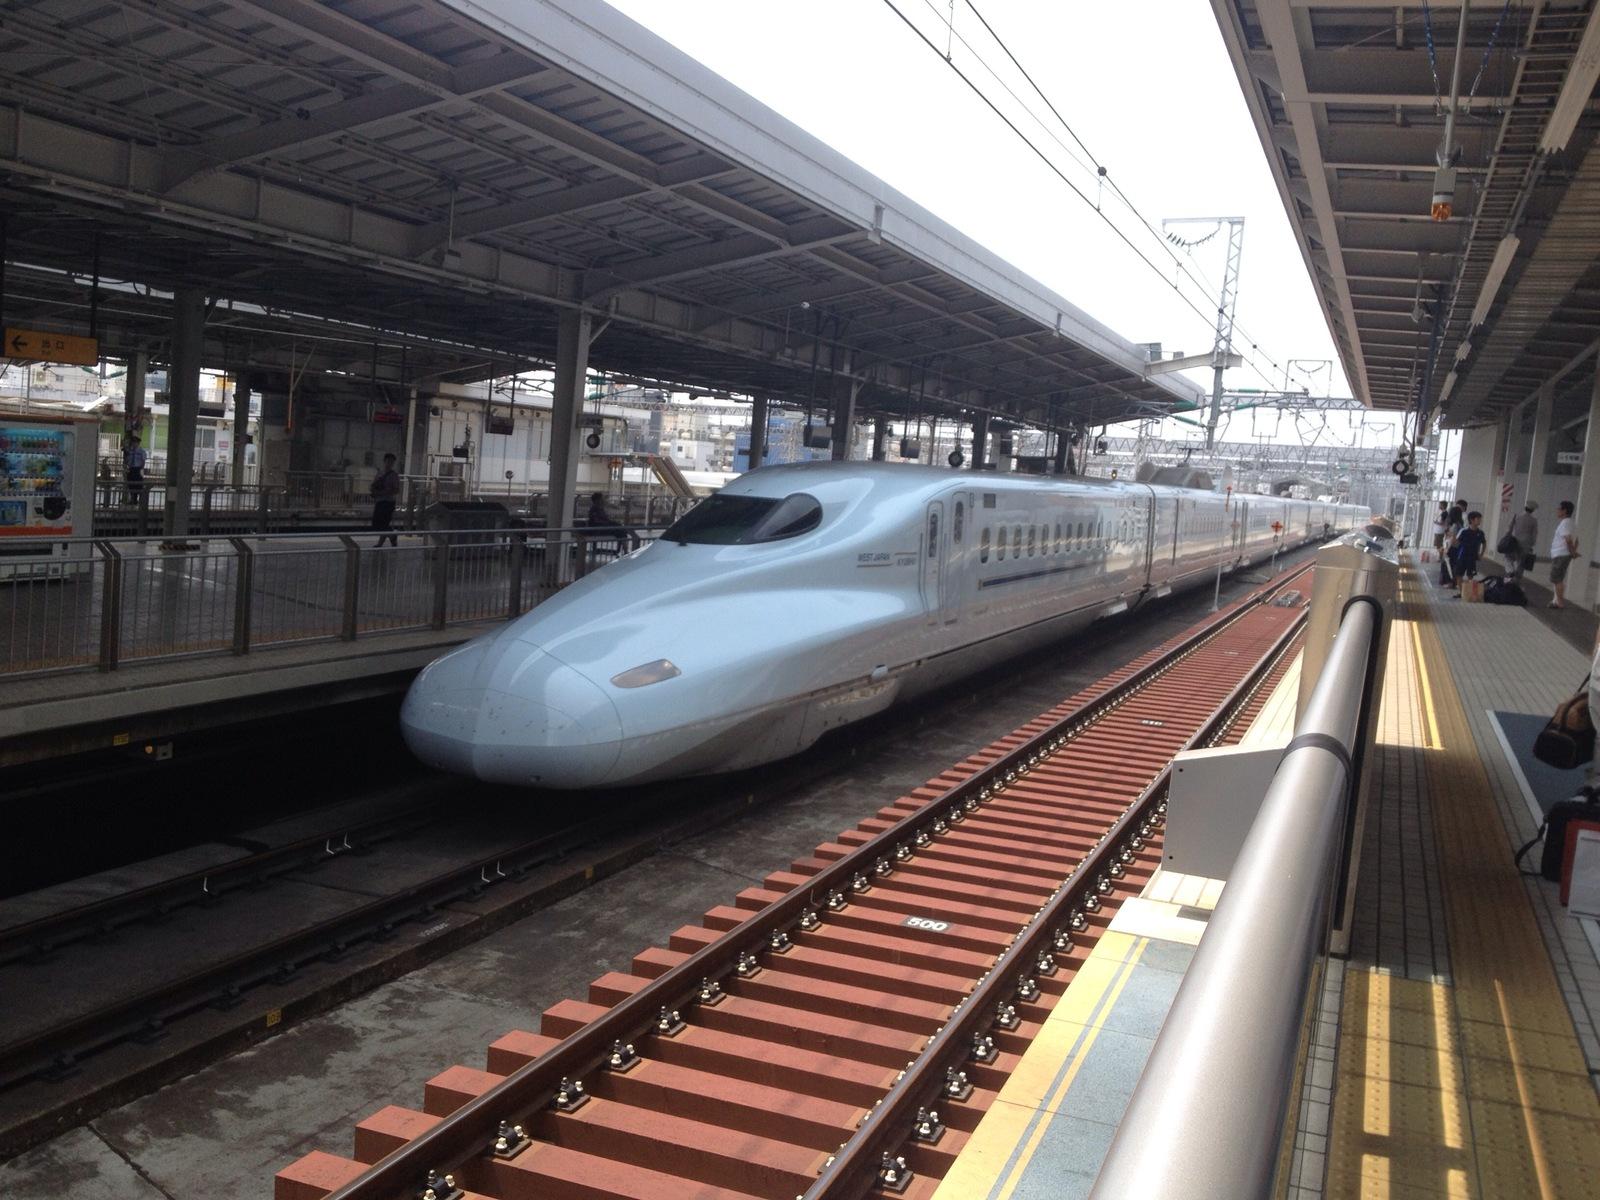 Jak nie zginąć wJaponii: zwroty przydatne nadworcu ilotnisku